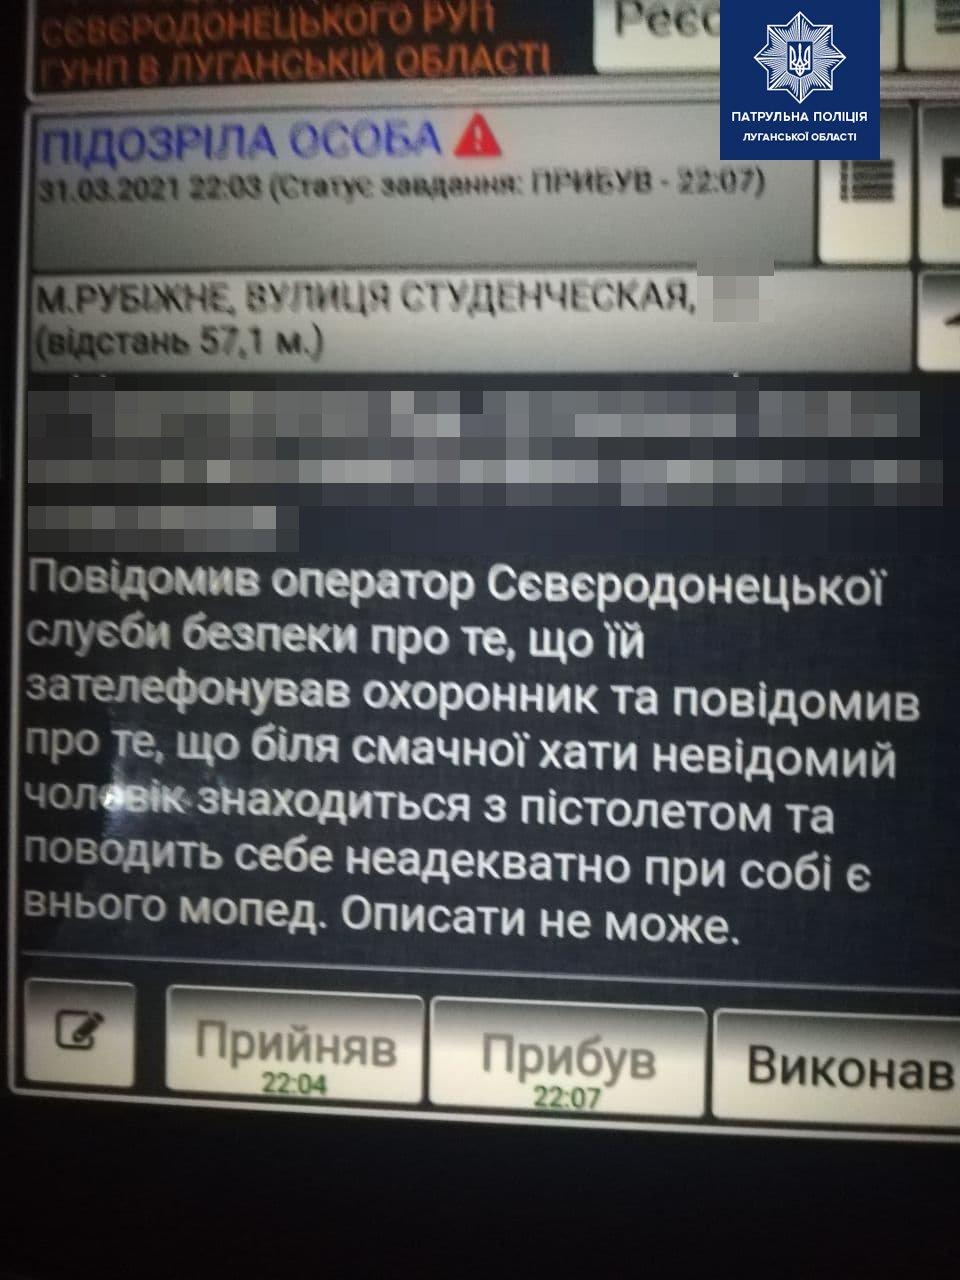 Розыск опасного преступника: На Луганщине мужчина бросил в полицейских гранату , фото-2